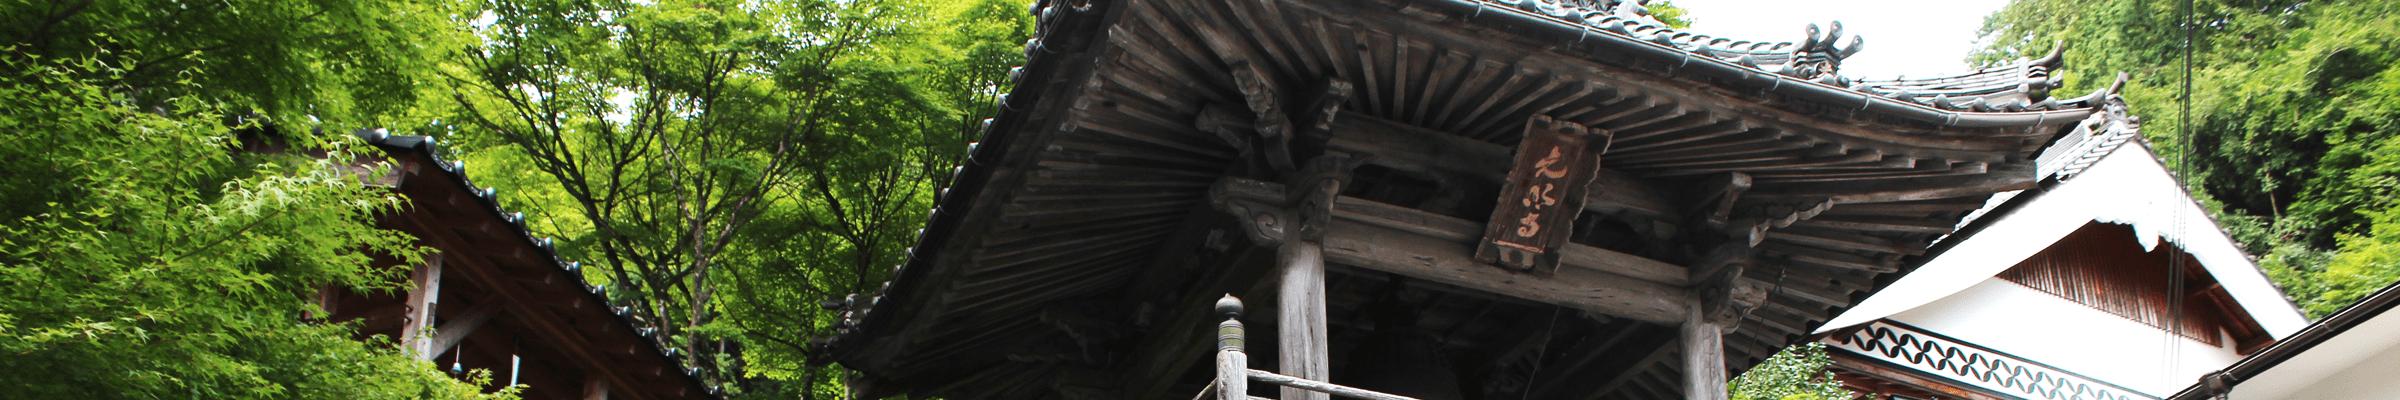 光明寺について